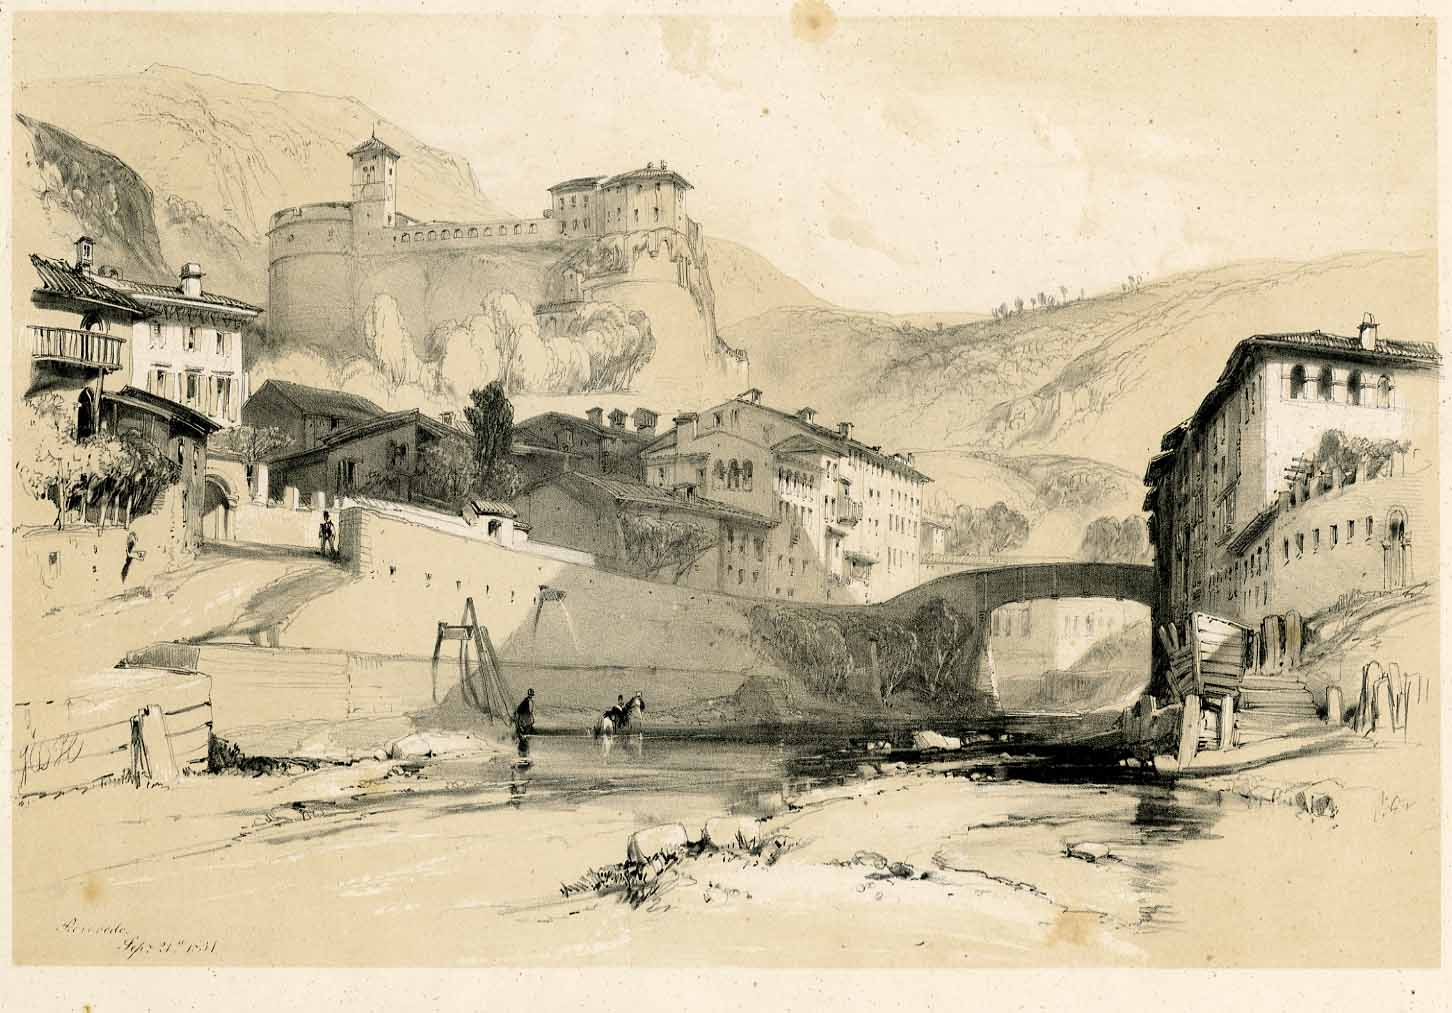 Rovereto, Sep. 21 1834  JDH.